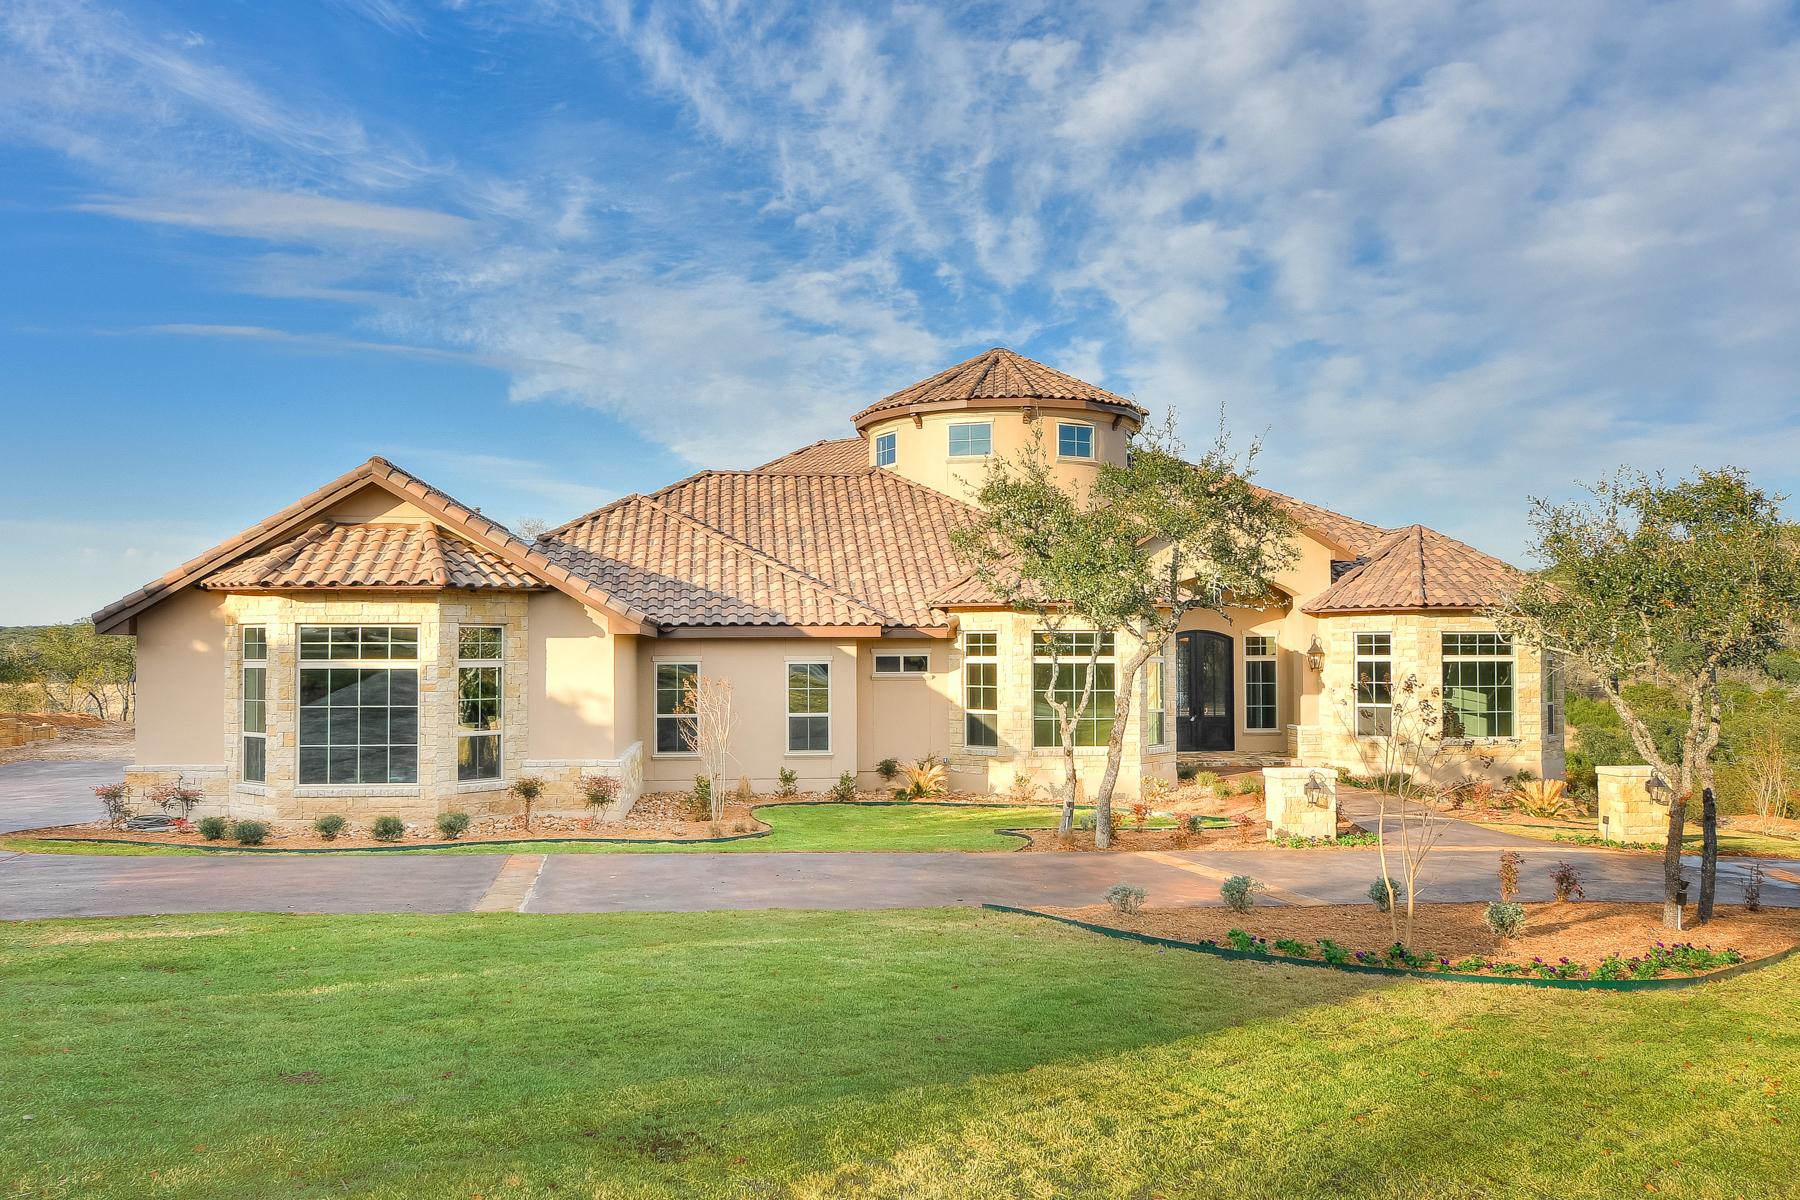 Maison unifamiliale pour l Vente à Great Home in Anaqua Springs Ranch 24927 Caliza Terr Boerne, Texas, 78006 États-Unis